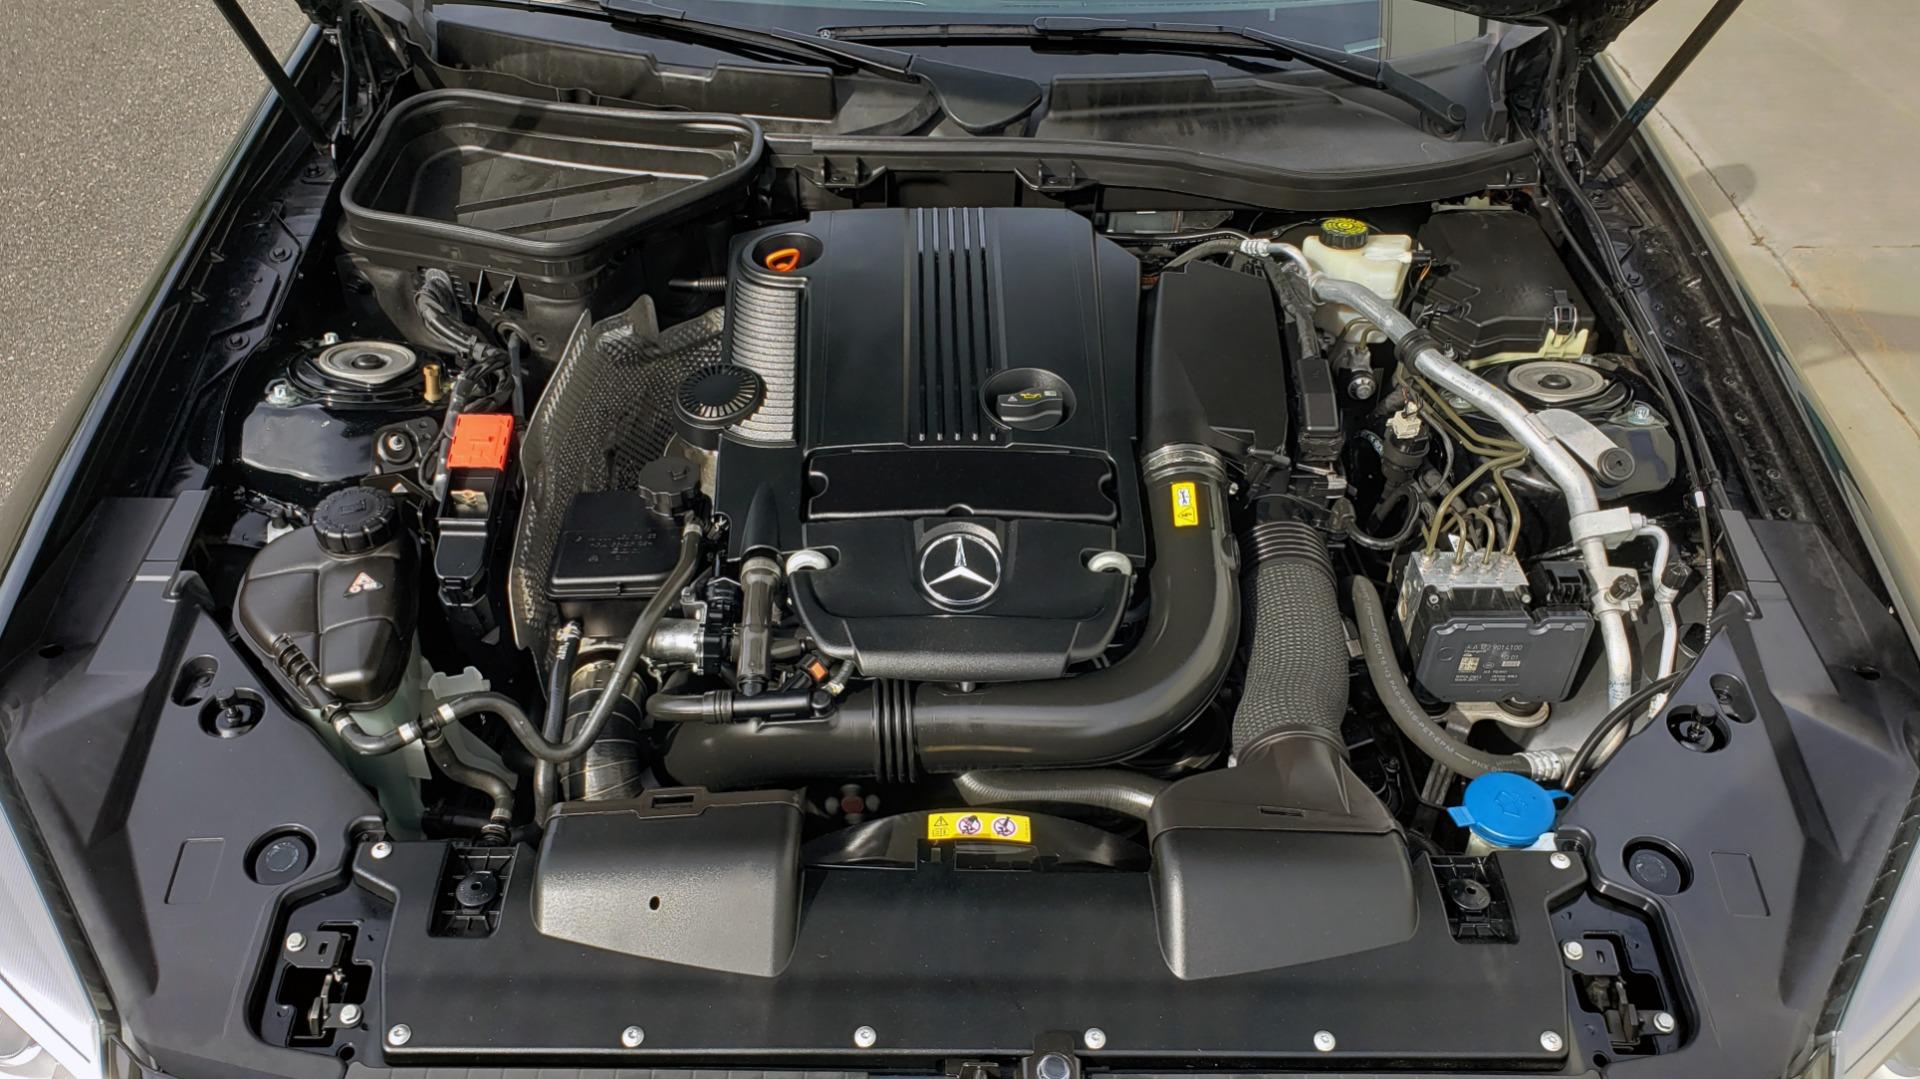 Used 2012 Mercedes-Benz SLK-CLASS SLK 250 ROADSTER / PREM 1 PKG / COMAND LAUNCH PKG / 7-SPD AUTO for sale $24,995 at Formula Imports in Charlotte NC 28227 34